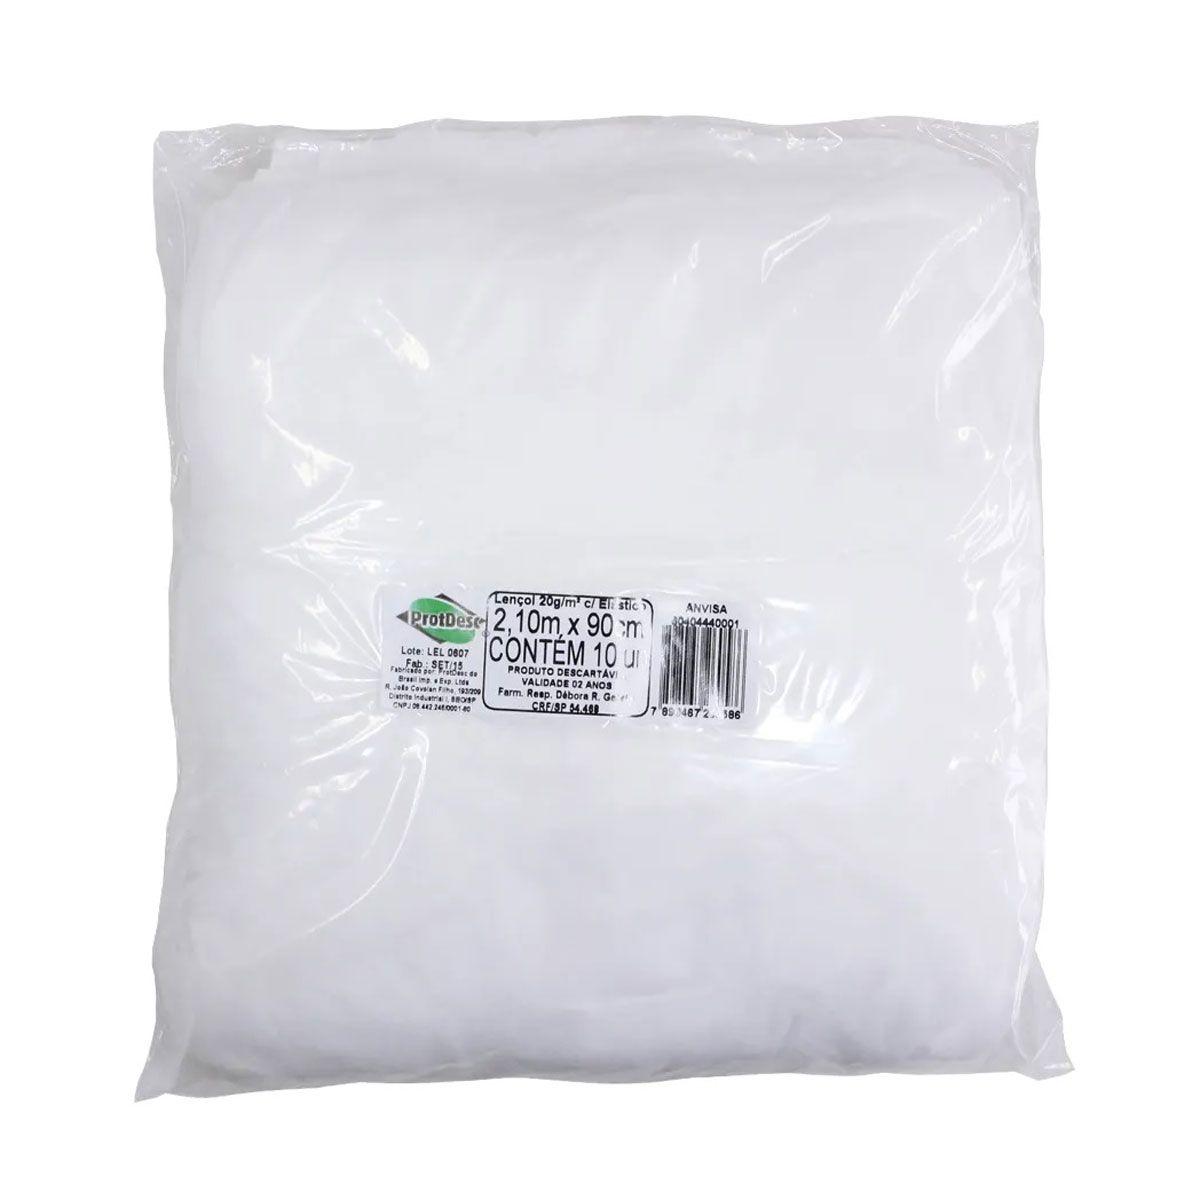 Lençol Descartável Protdesc Branco 20g com Elástico 10un